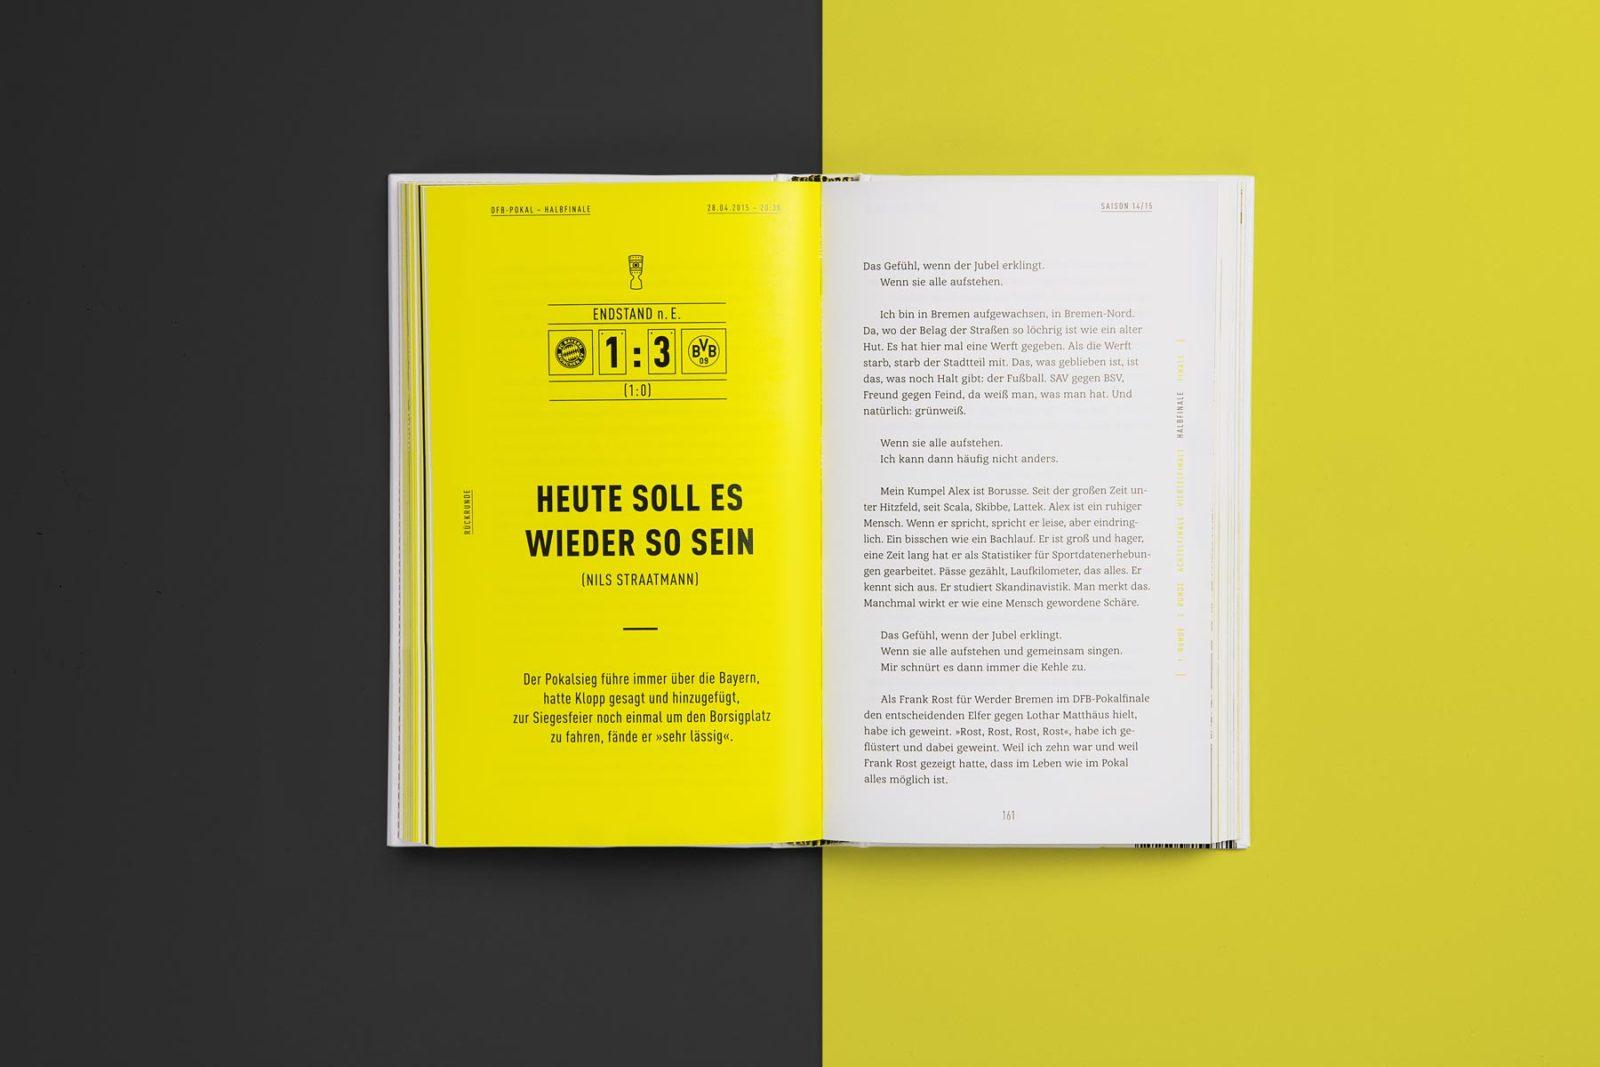 Editienne Grafikdesign - Kommunikationsdesign Berlin- Buchcoverdesign und Buchgestaltung Borussia Dortmund- BVB Buch 10